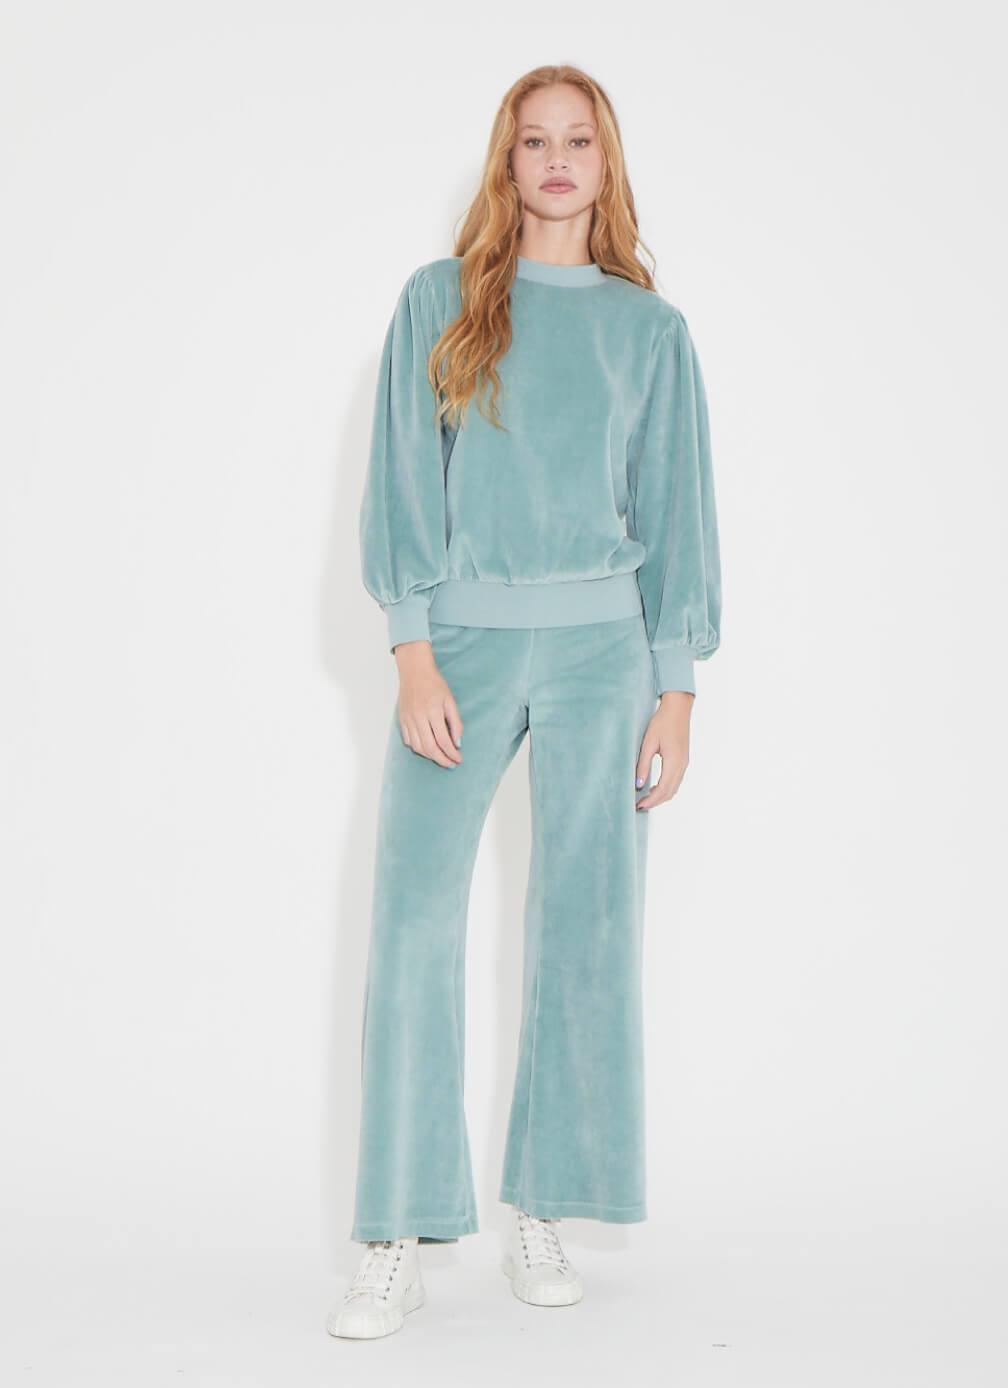 Suzie Kondi top and pants